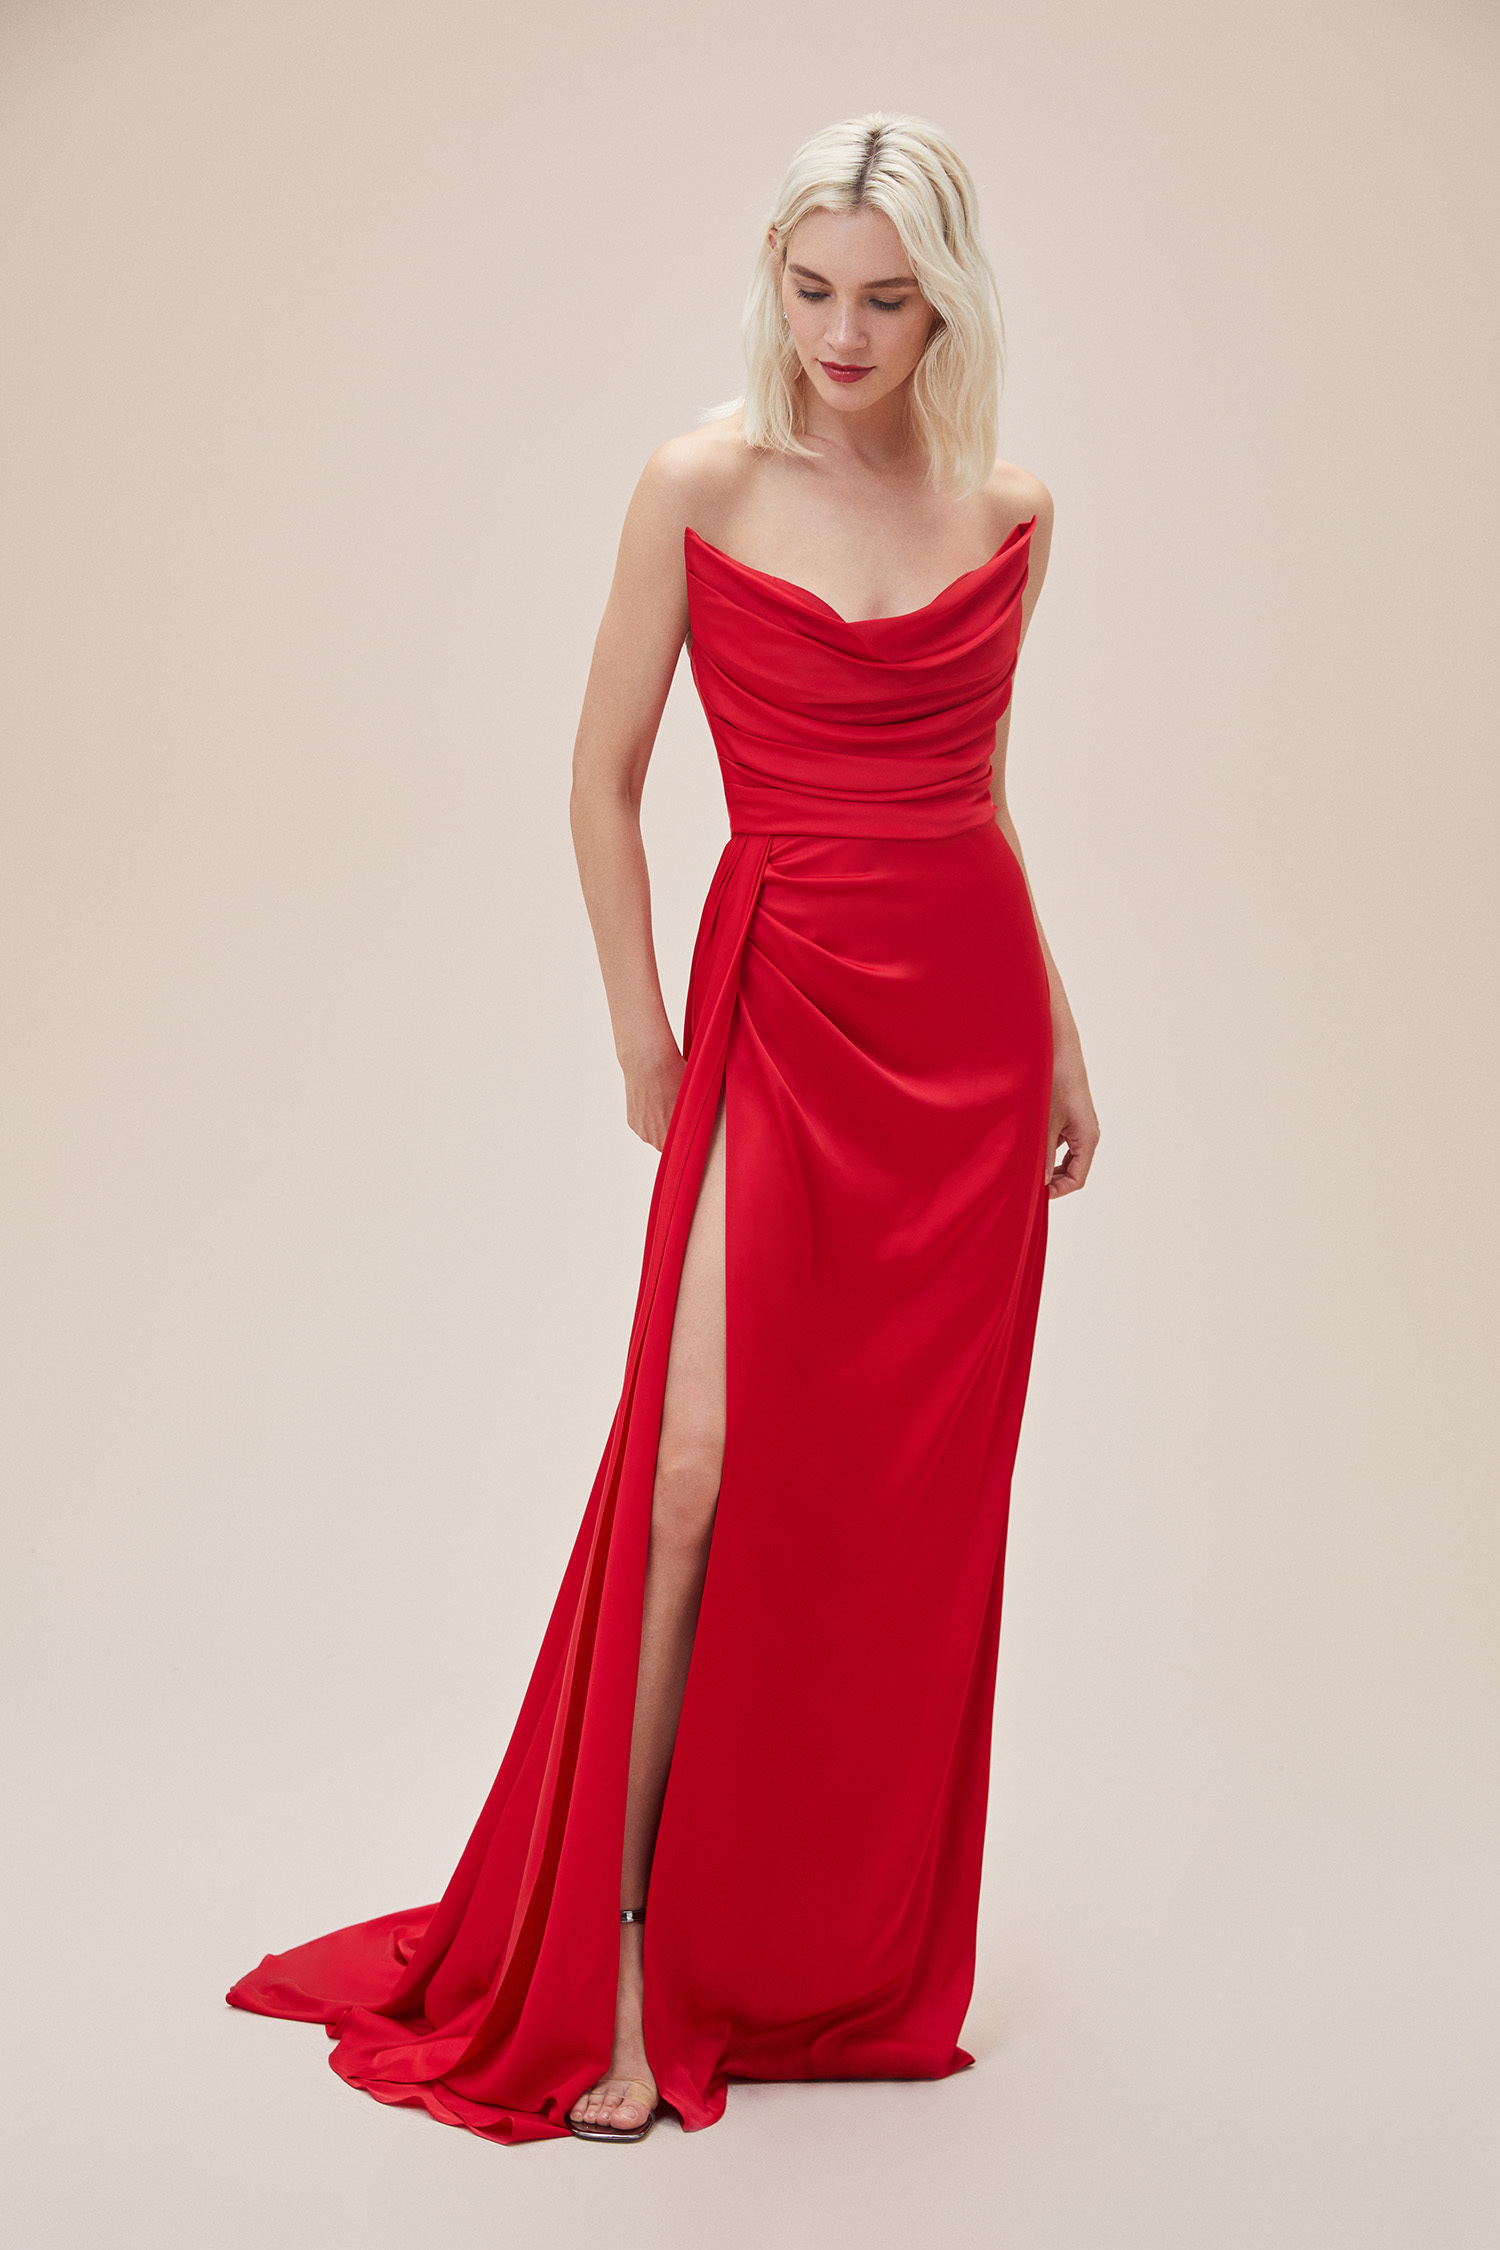 Kırmızı Straplez Yırtmaçlı Saten Uzun Abiye Elbise - Thumbnail